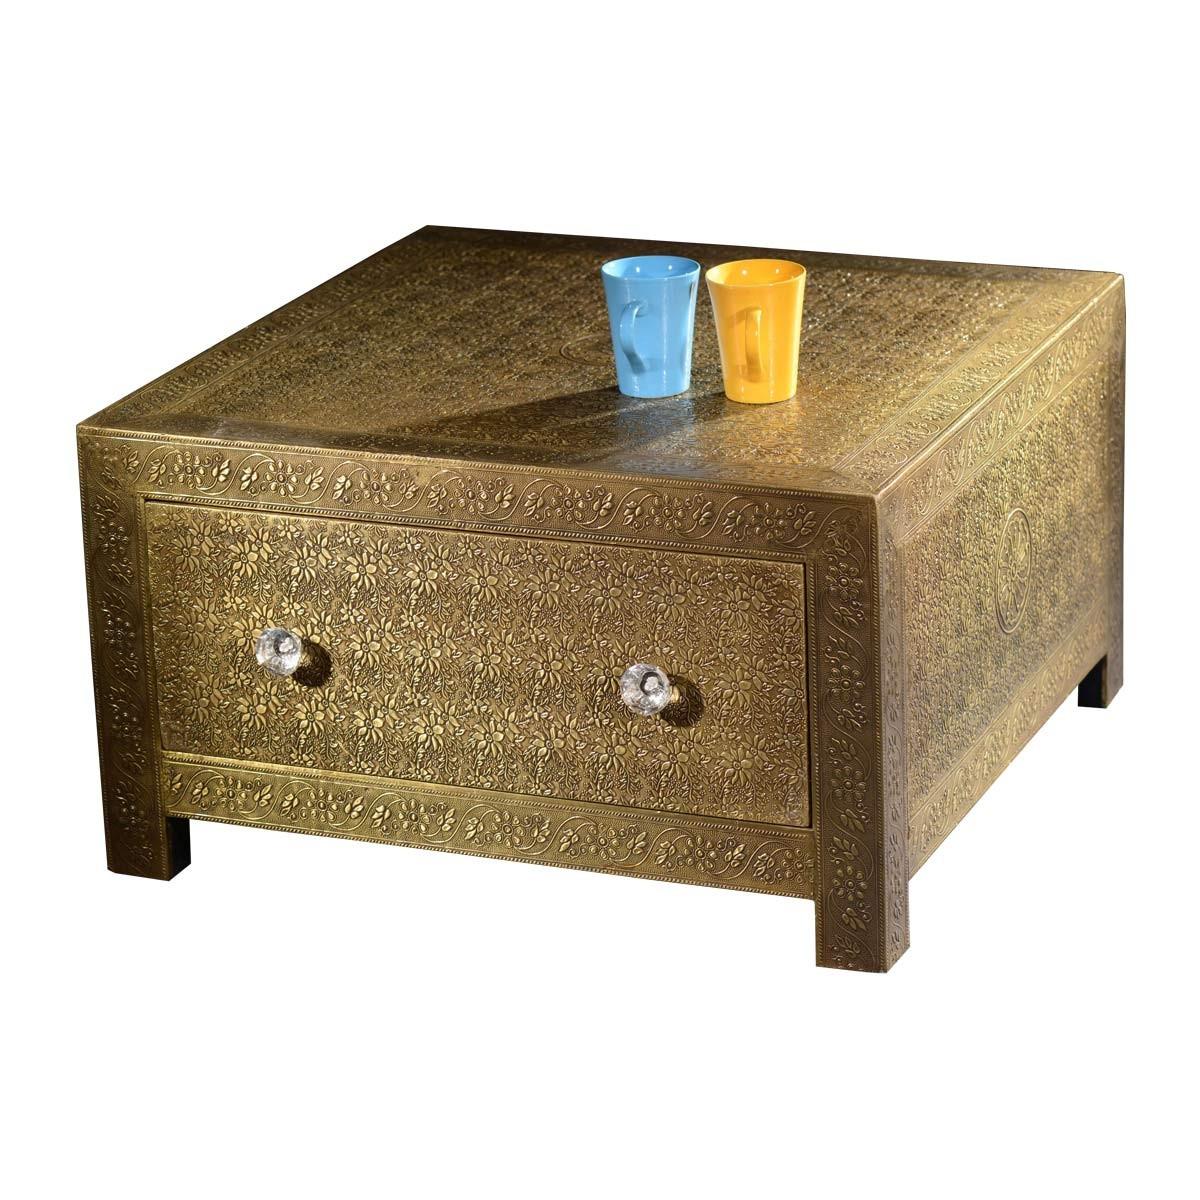 wunderbar truhe mit schublade bilder erindzain. Black Bedroom Furniture Sets. Home Design Ideas